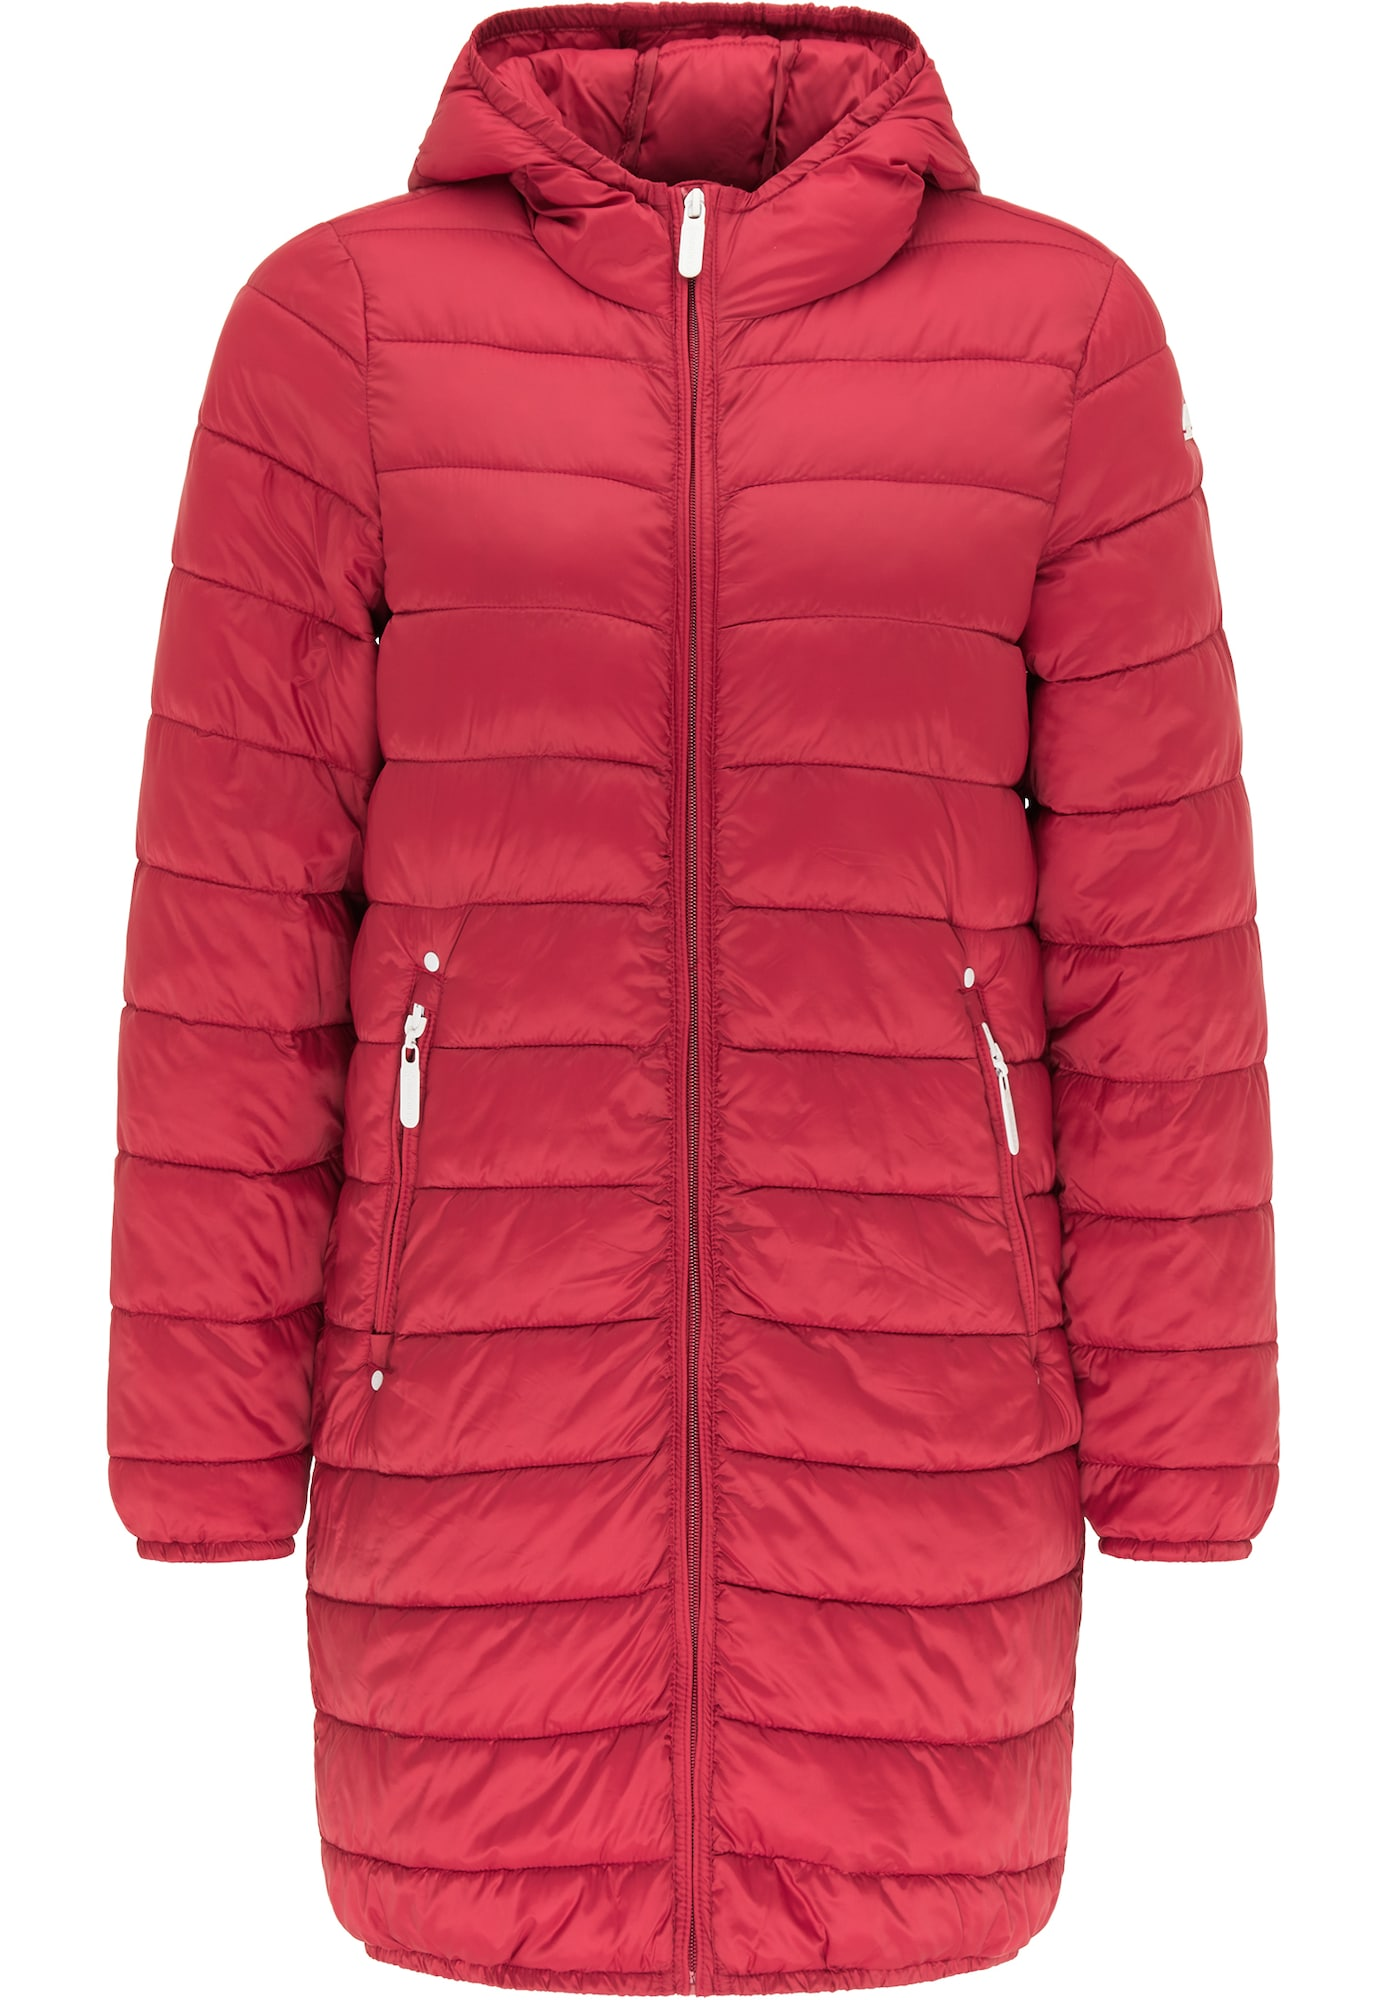 ICEBOUND Žieminis paltas raudona